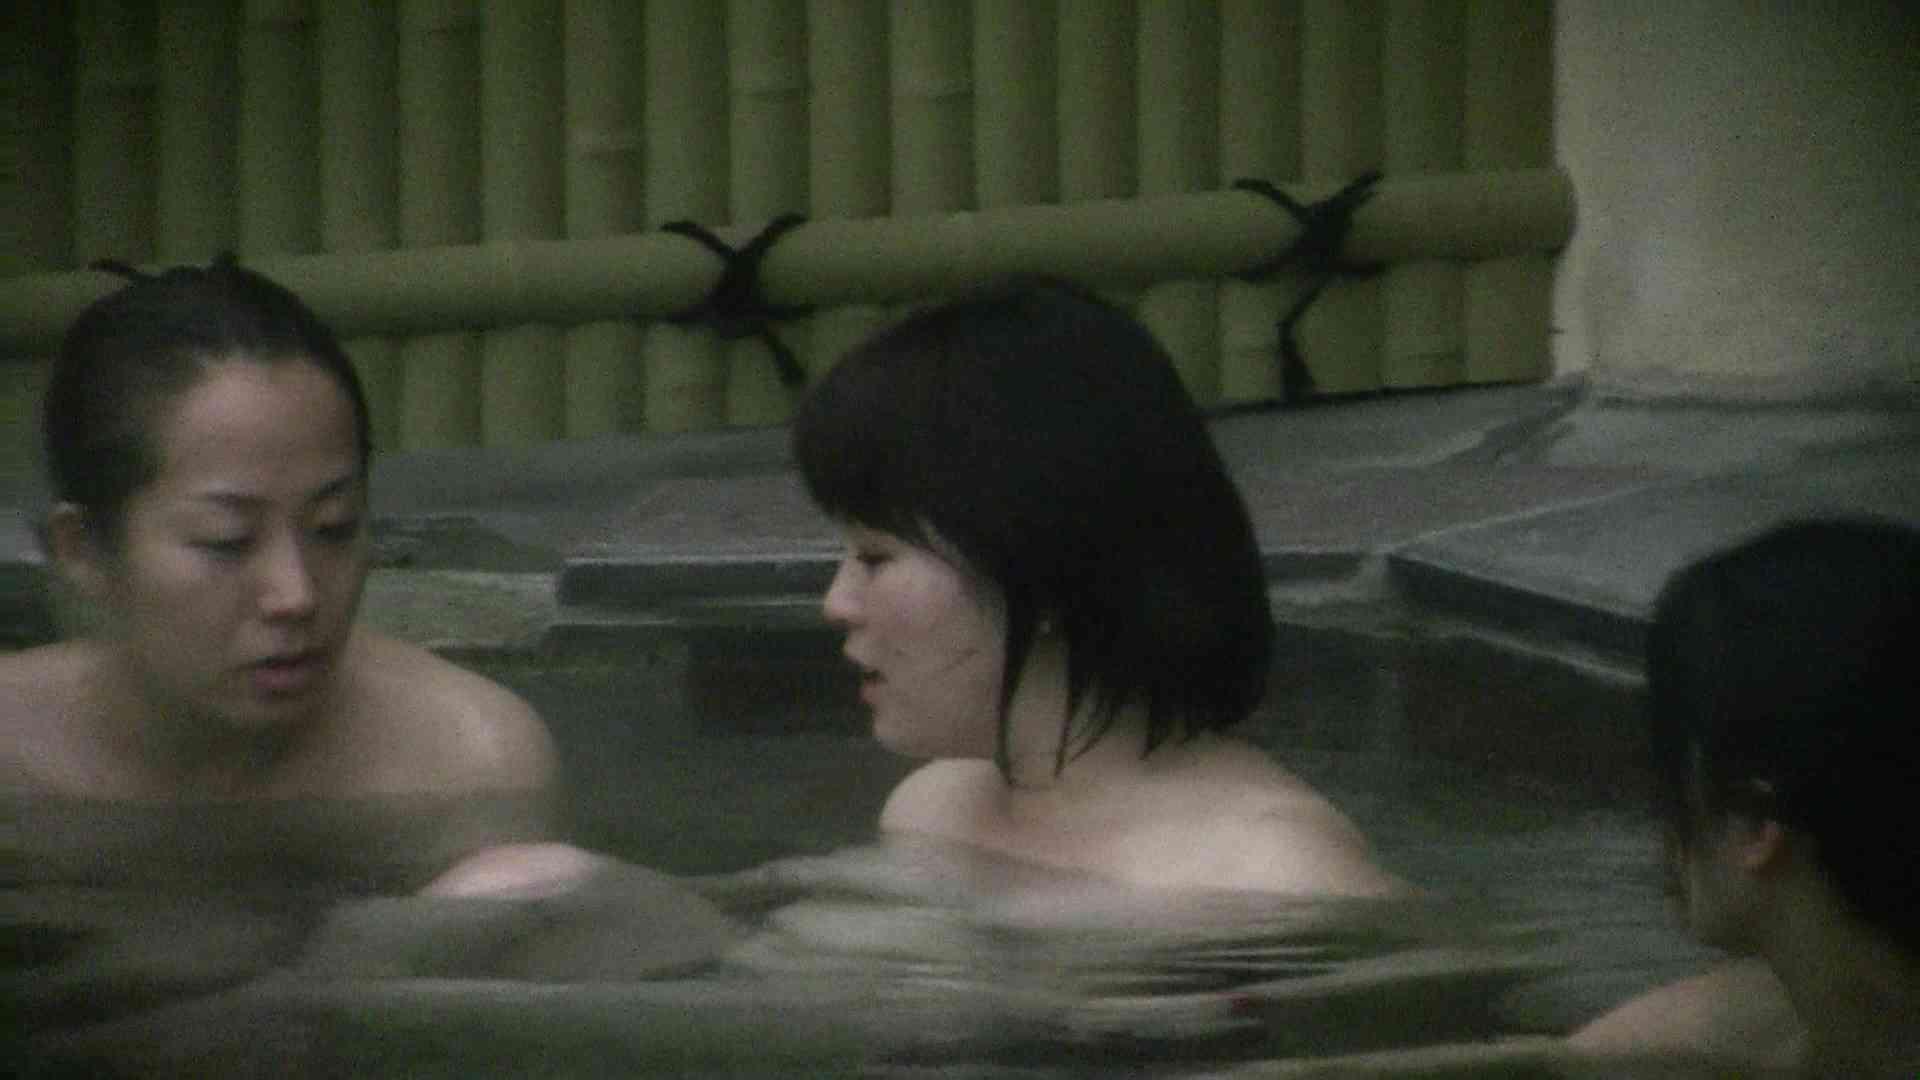 Aquaな露天風呂Vol.539 女体盗撮 隠し撮りおまんこ動画流出 88連発 50